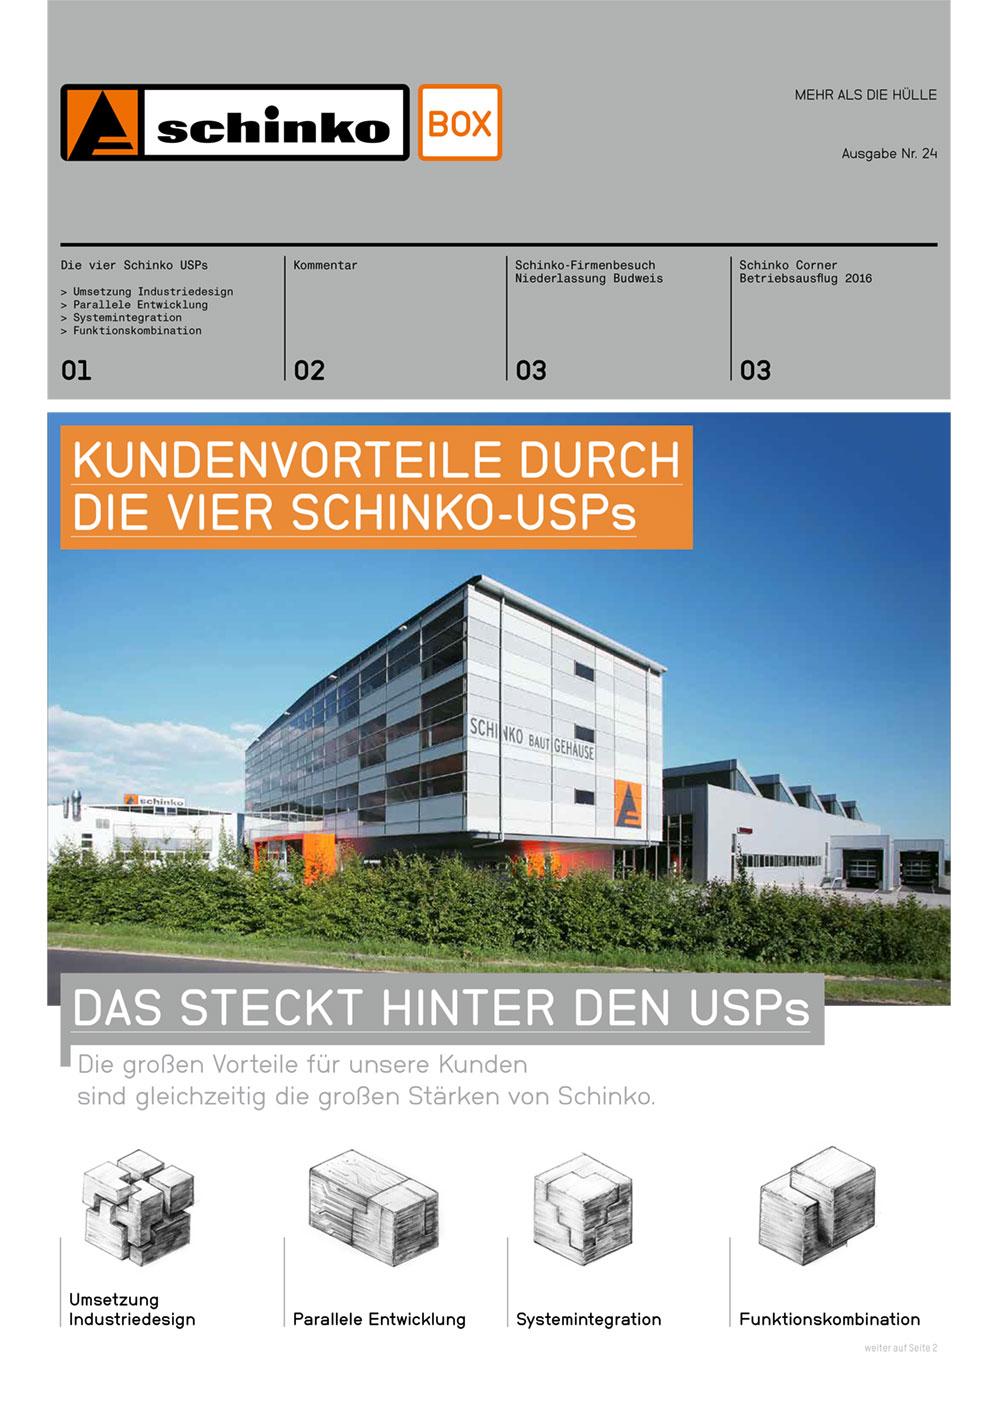 Schinko Box Nr. 24 Kundenvorteile durch die vier Schinko-USPs - Titelbild der Schinko Box Nr. 24 Kundenvorteile durch die vier Schinko-USPs